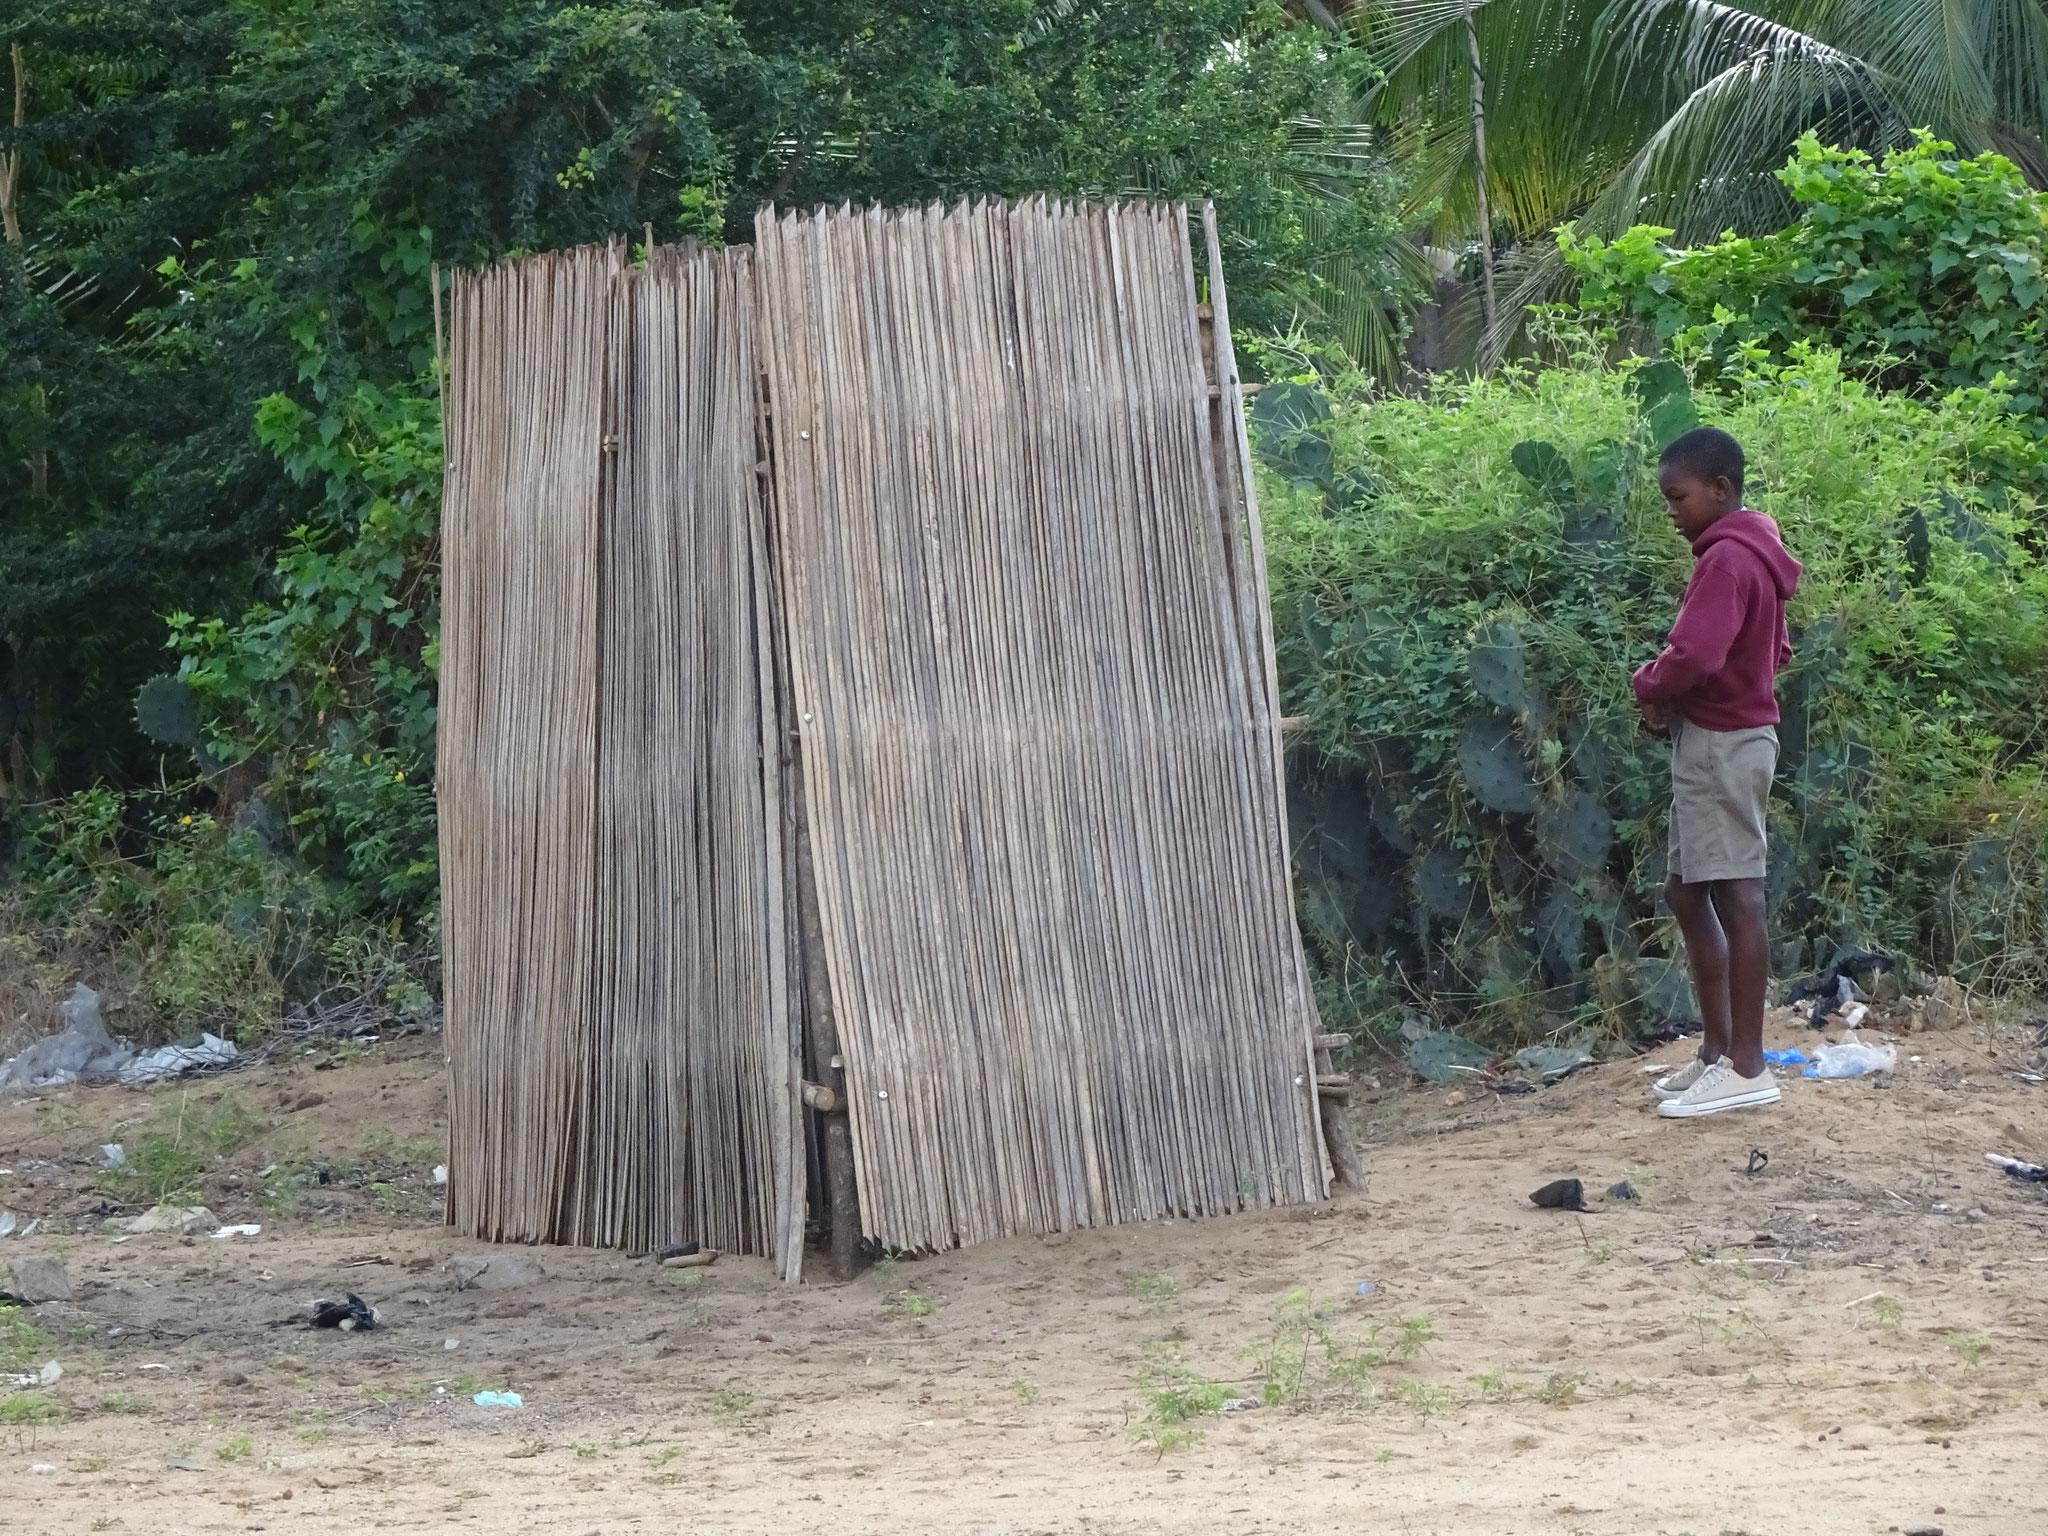 Toilette an der Piste in Baguida. Das Pissvoir scheint nebendran zu sein.